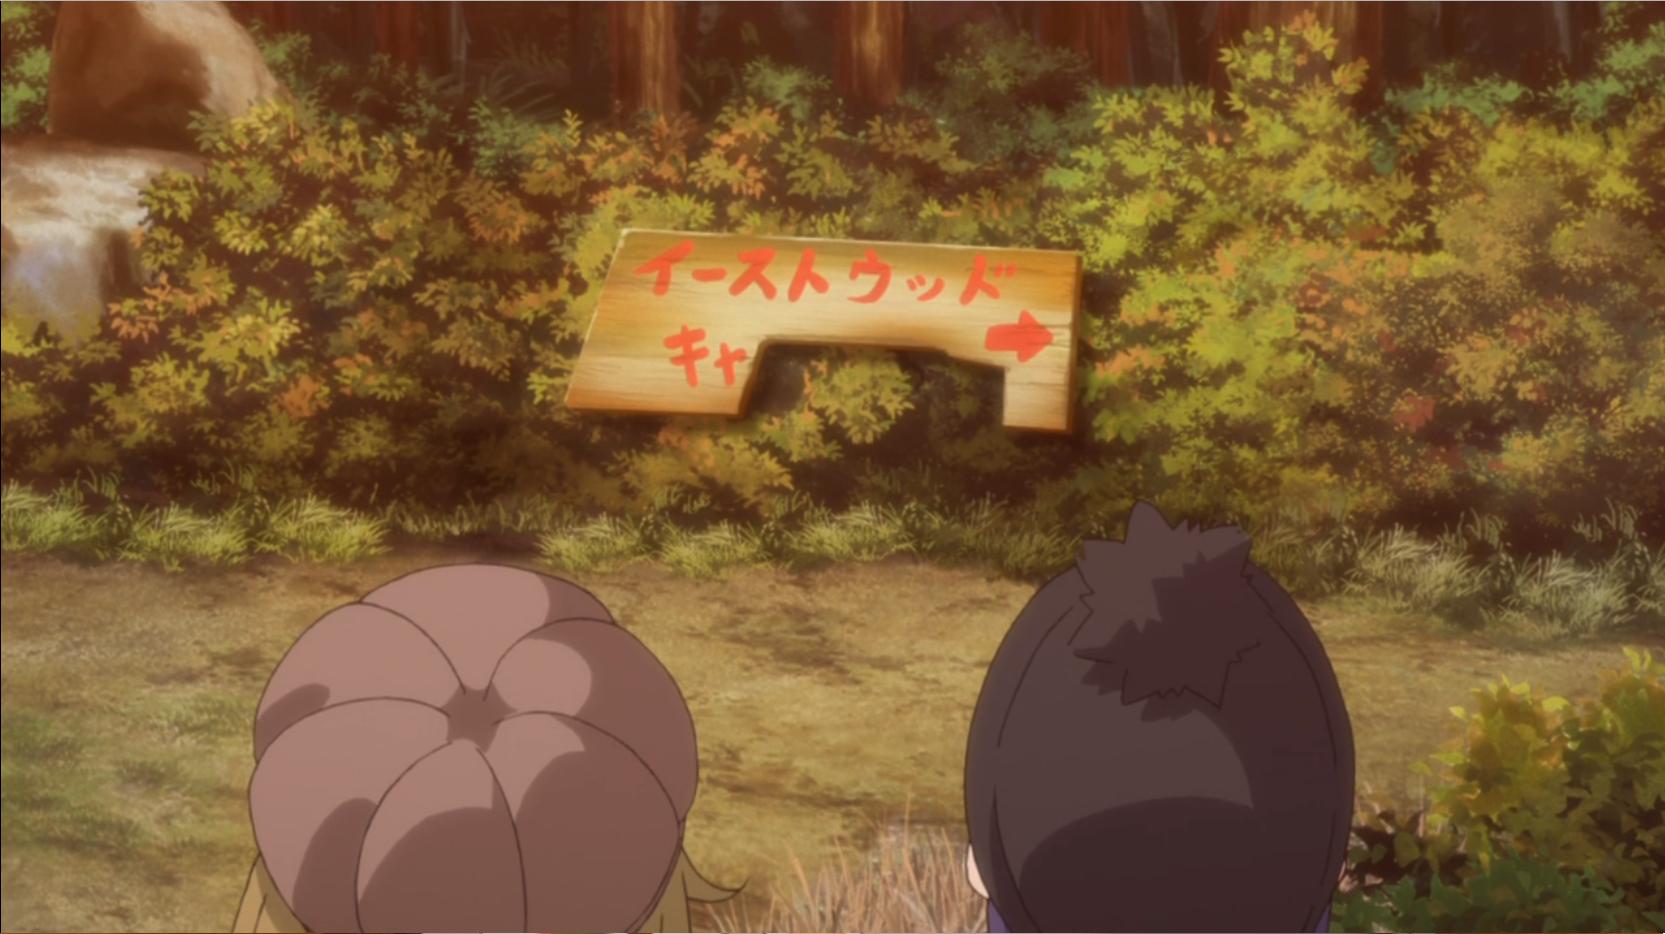 アニメ『ゆるキャン△』5話のイーストウッドキャンプ場の入り口